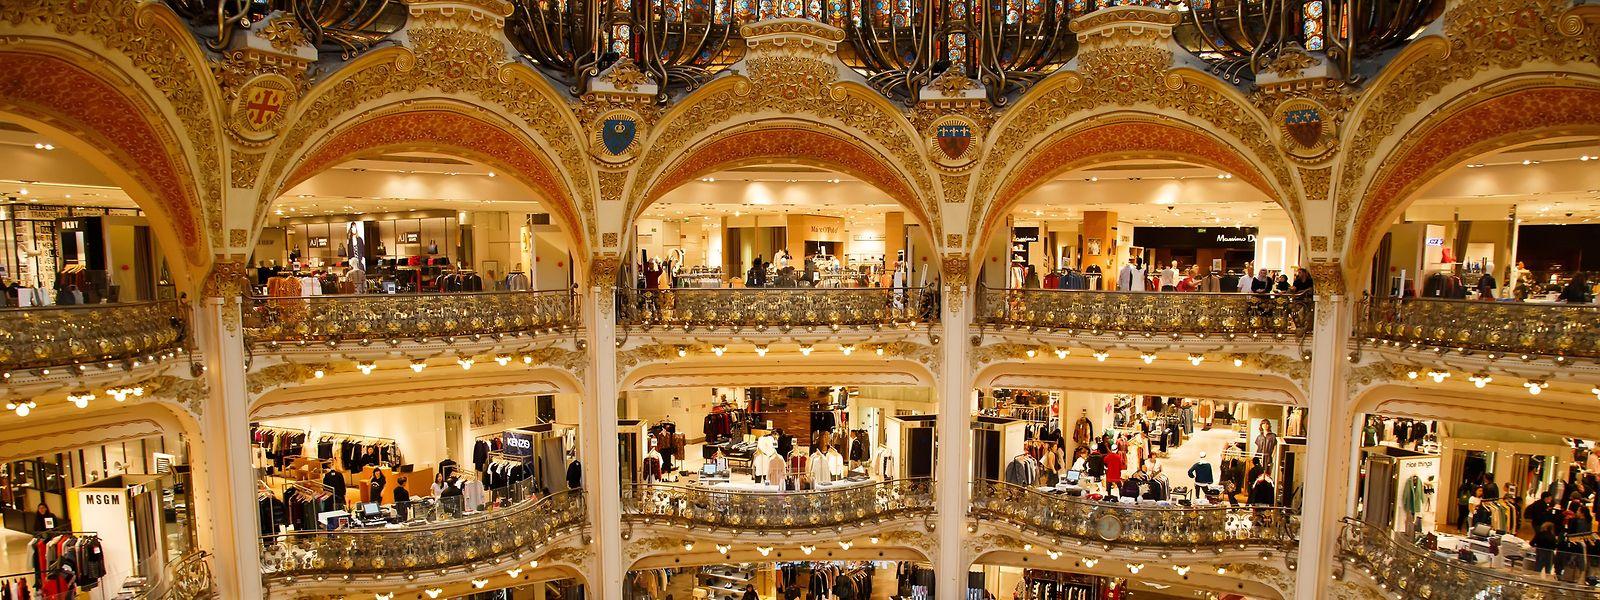 Die Kuppel in den Pariser Galeries Lafayette wurde 1912 fertiggestellt. Sie ist Teil der prächtigen Jugendstilarchitektur des Stammhauses der berühmten Kaufhauskette.